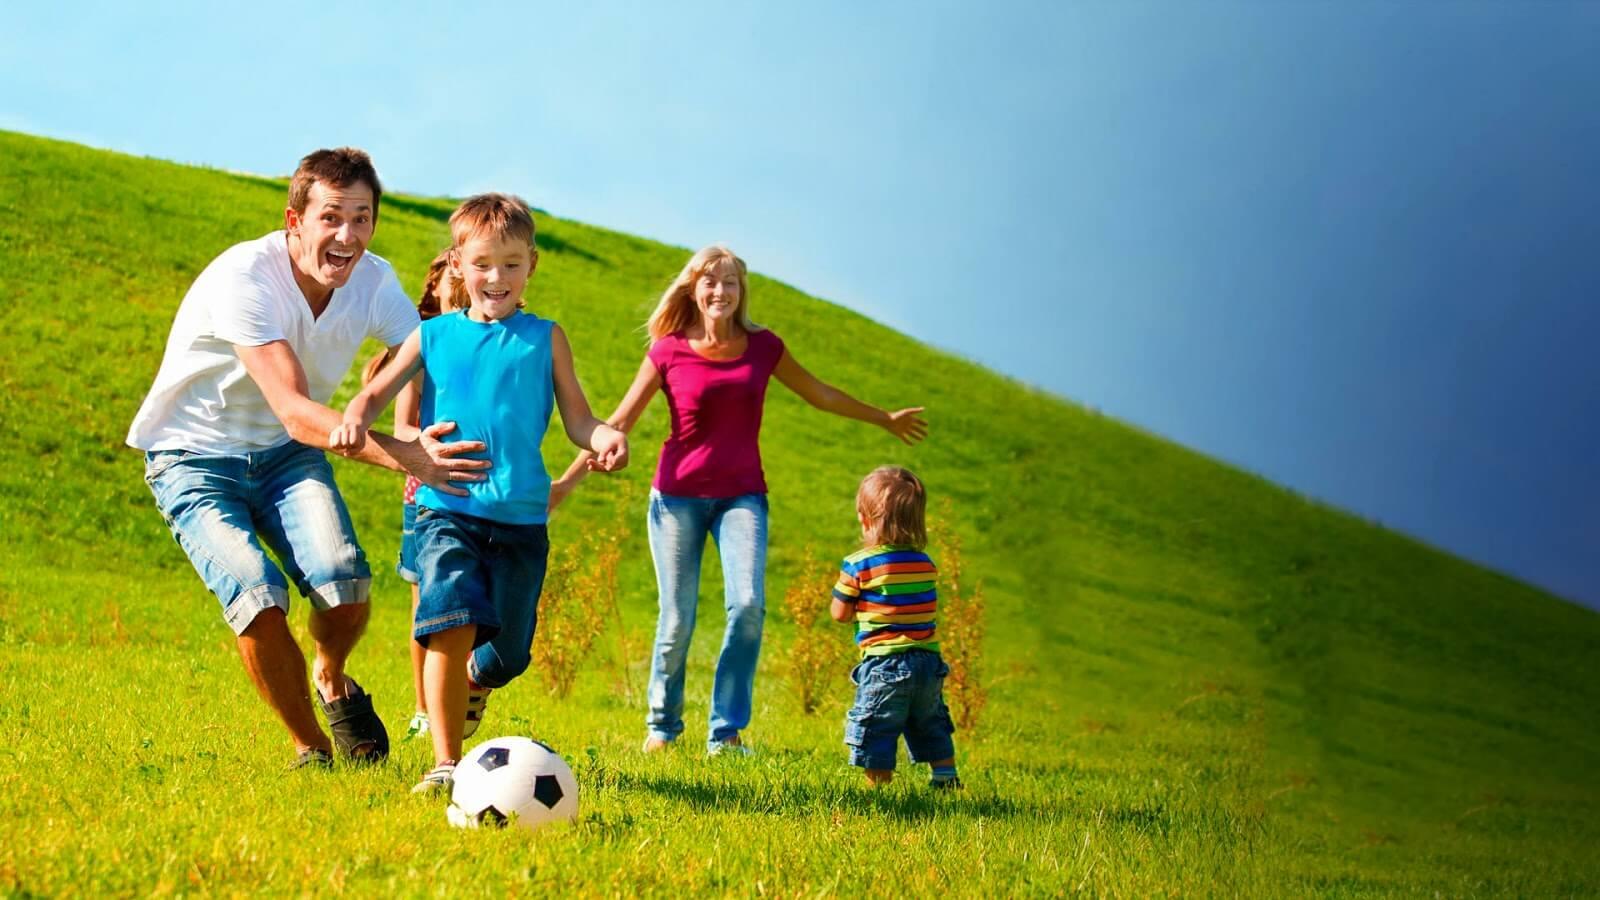 کودکان؛ حلقه رابط متخصصان، اعضای خانواده و جامعه